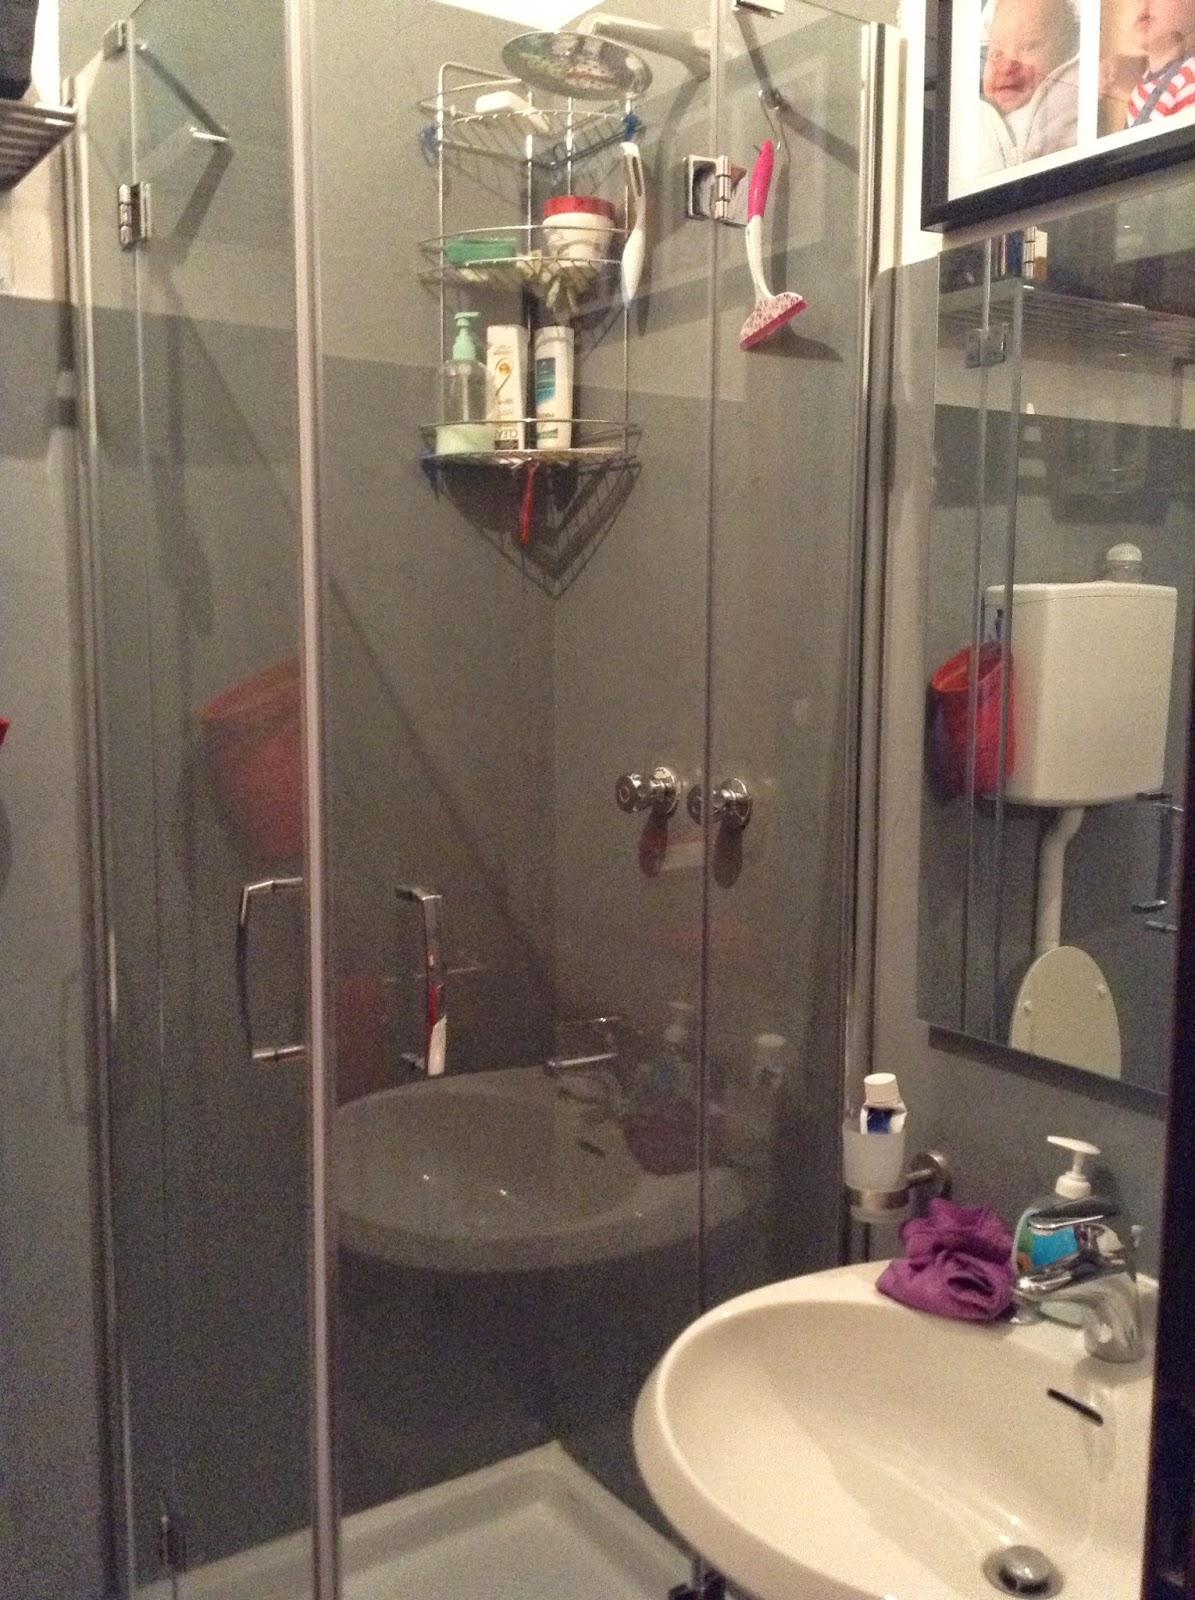 Coprire le piastrelle del bagno - Idee mattonelle bagno ...